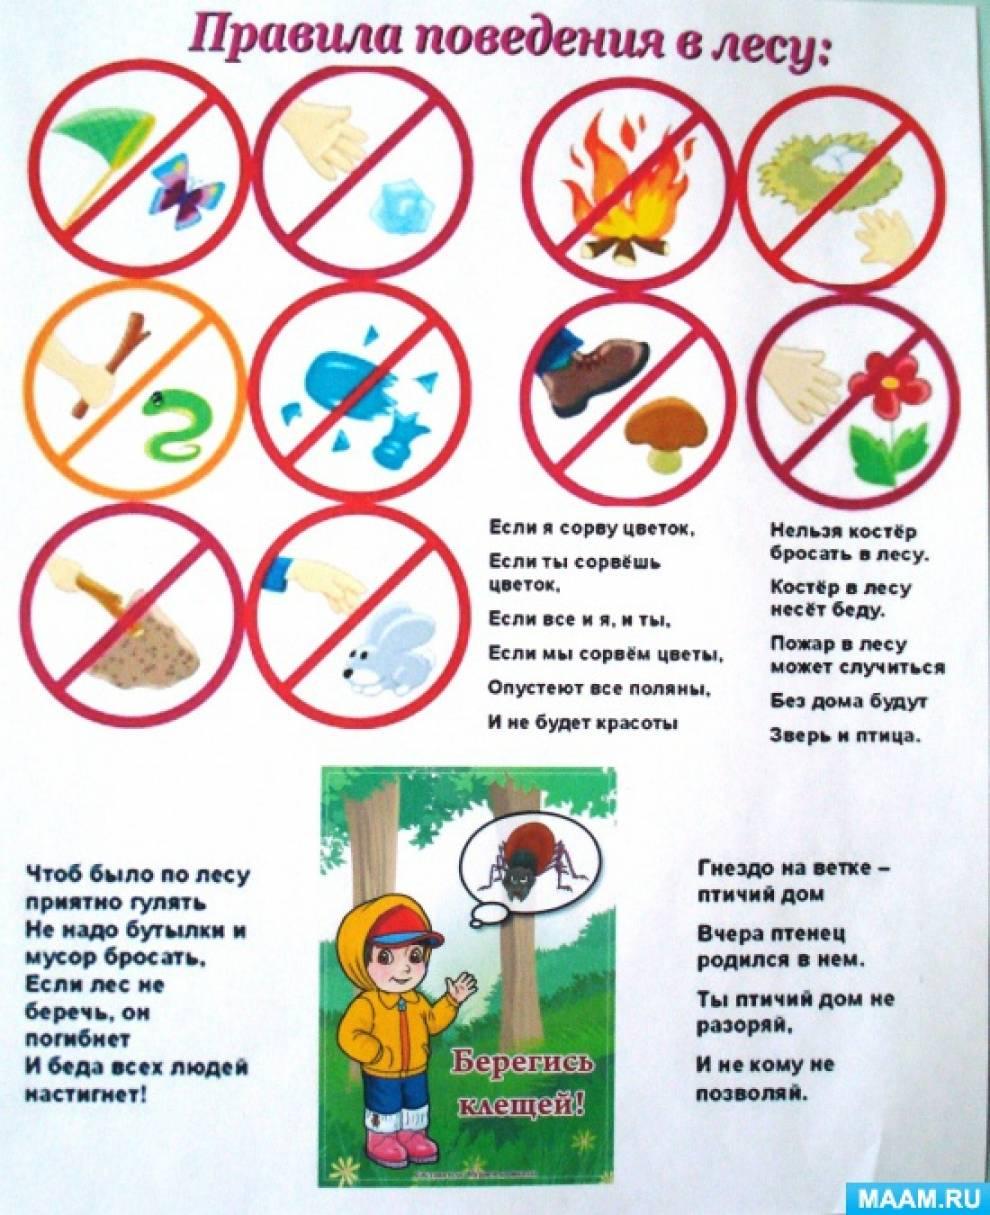 Памятка поведения в лесу для детей в картинках